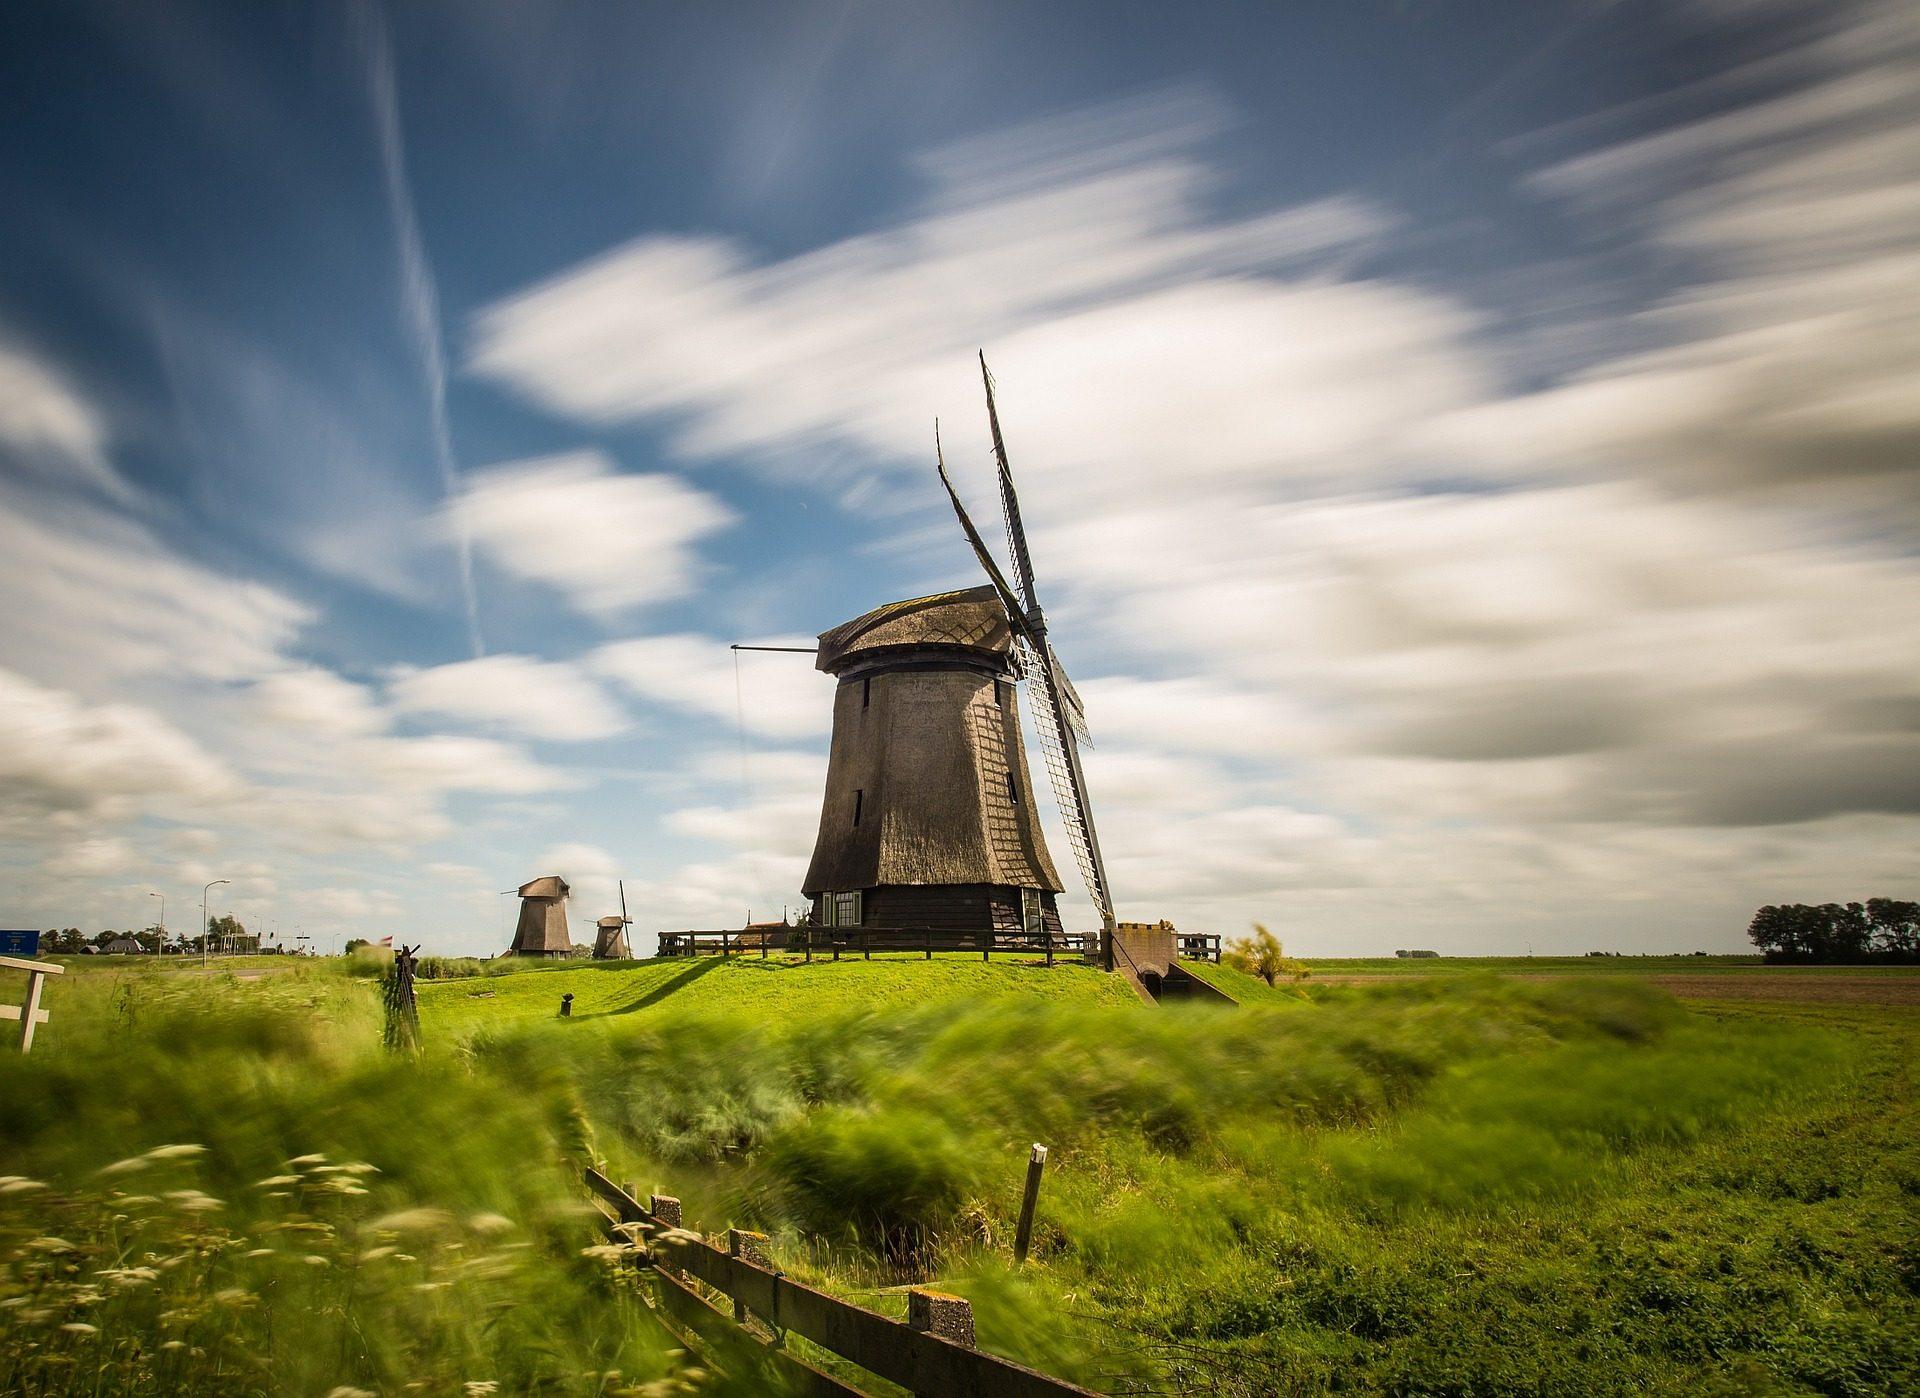 Μύλος, Άνεμος, PRADO, σύννεφα, ξύλο - Wallpapers HD - Professor-falken.com